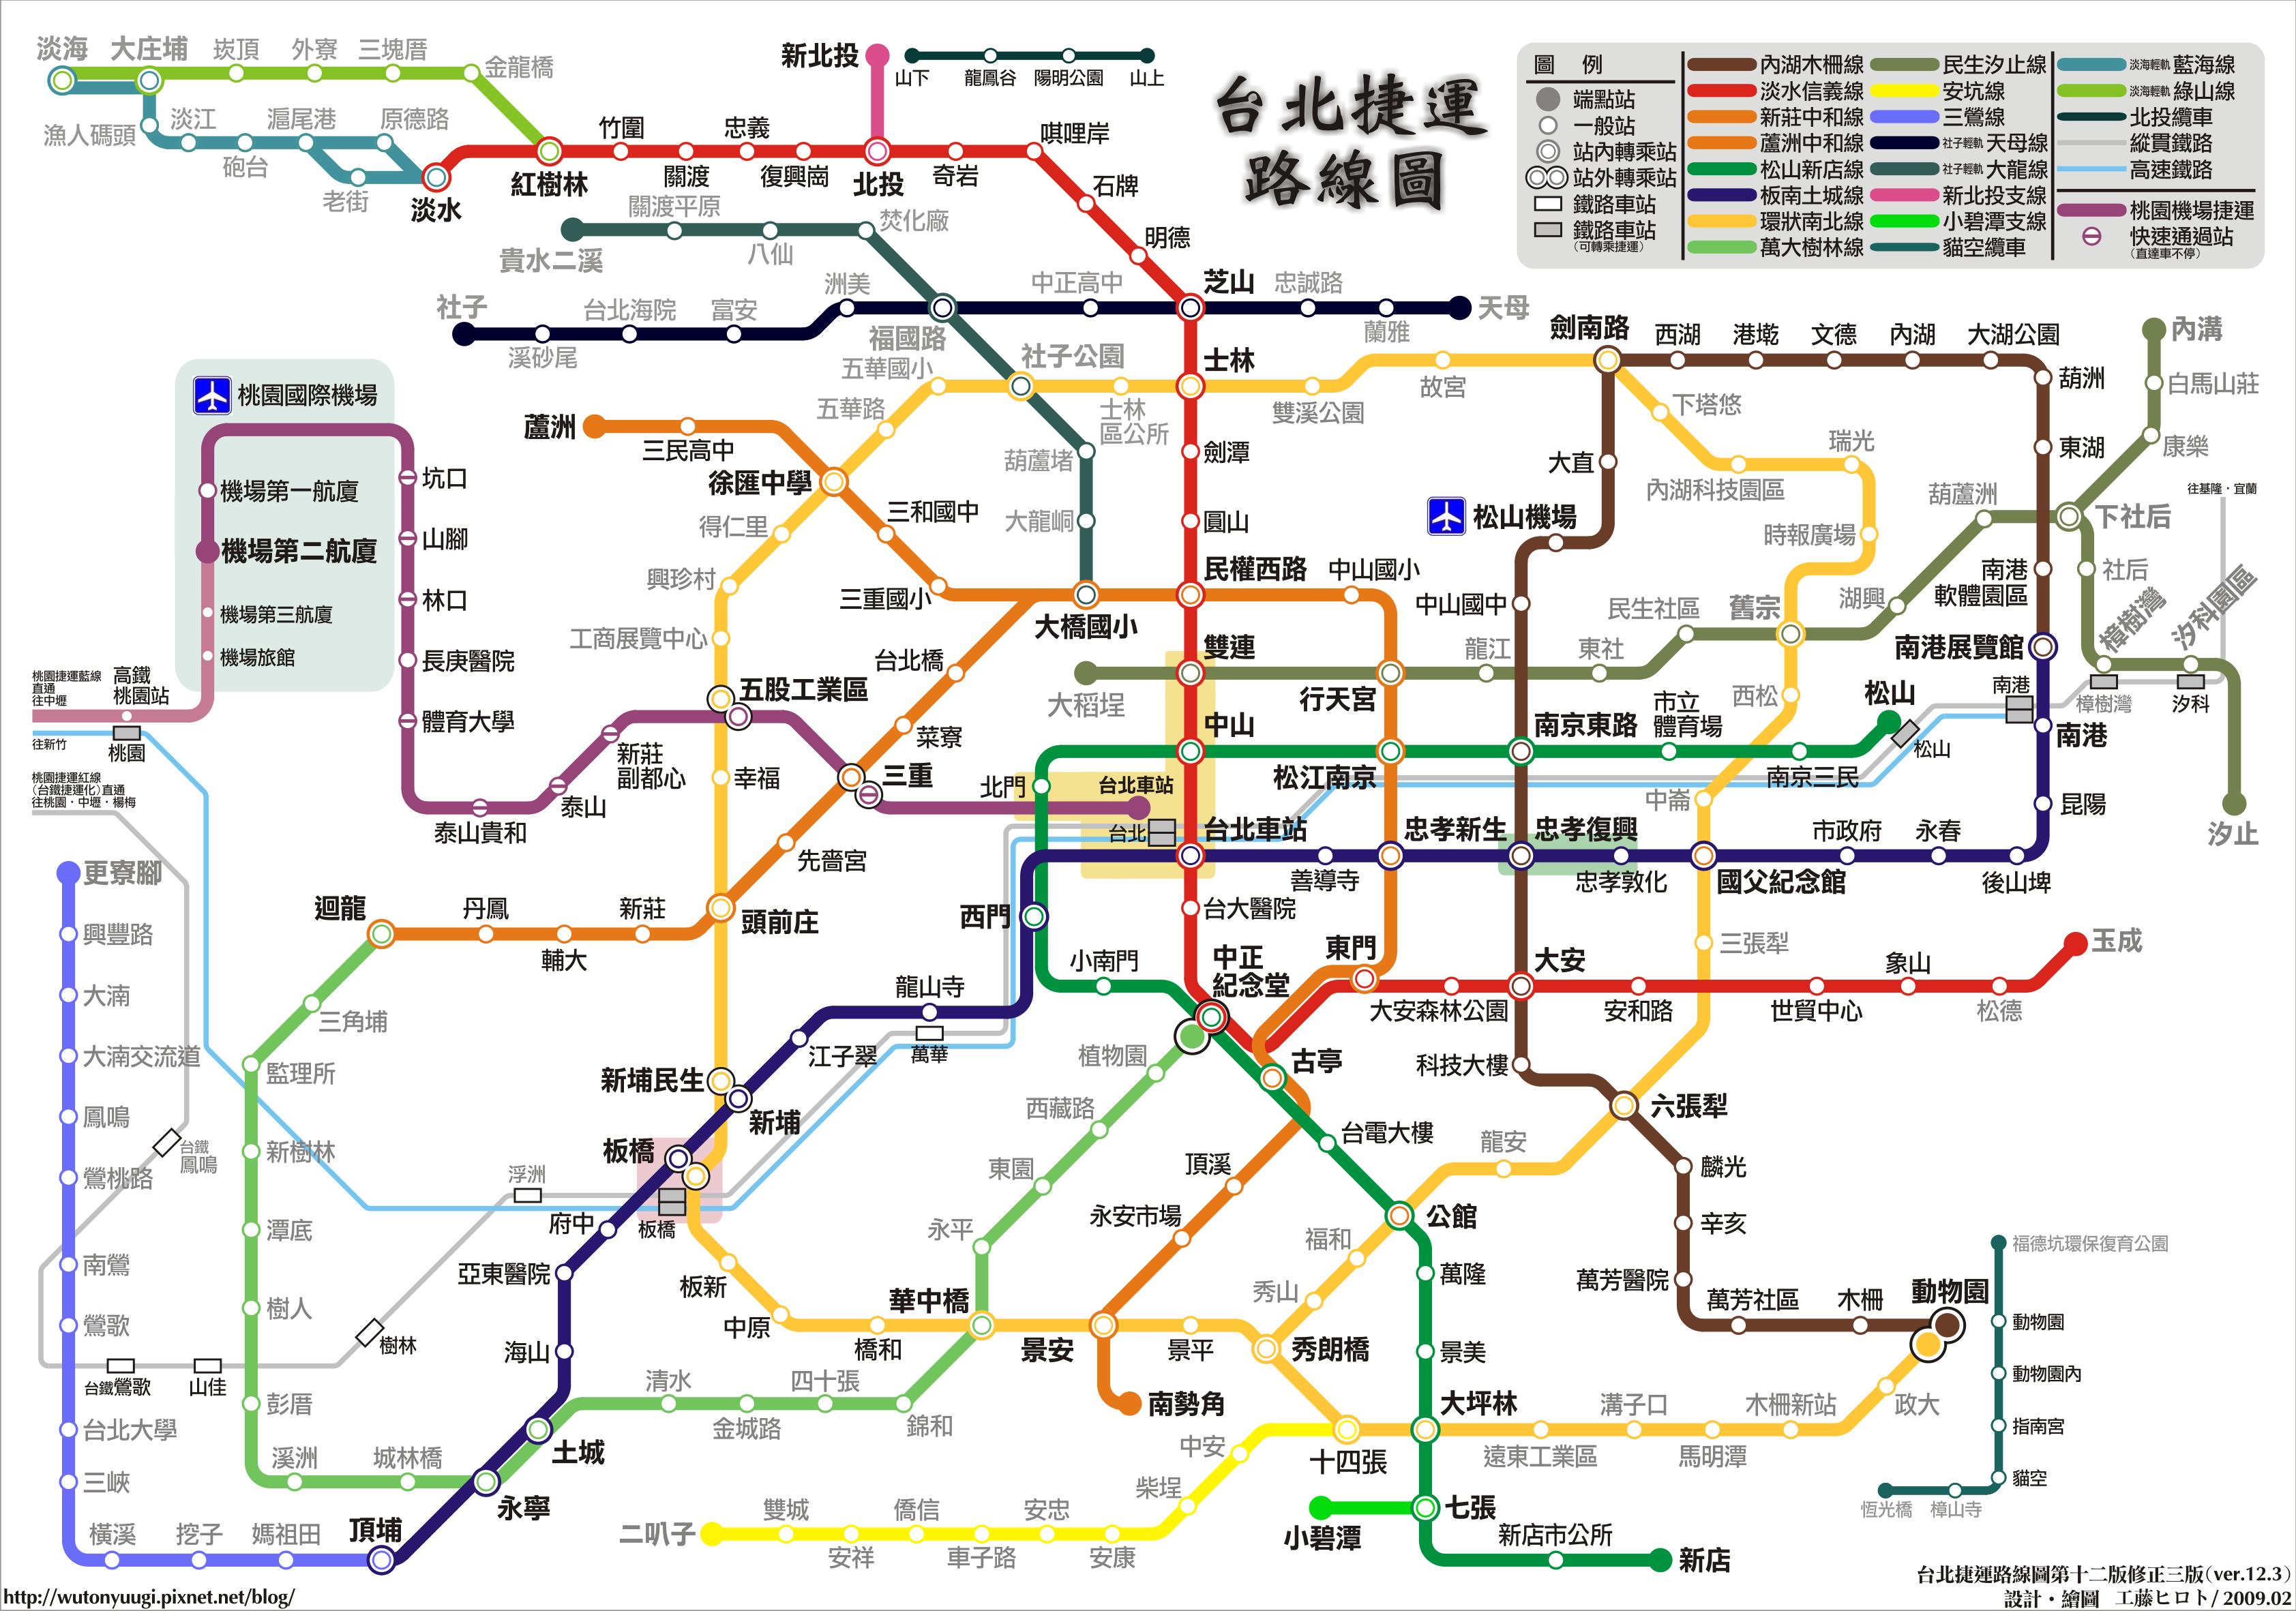 日本 日本地図 pdf : Taipei MRT Map